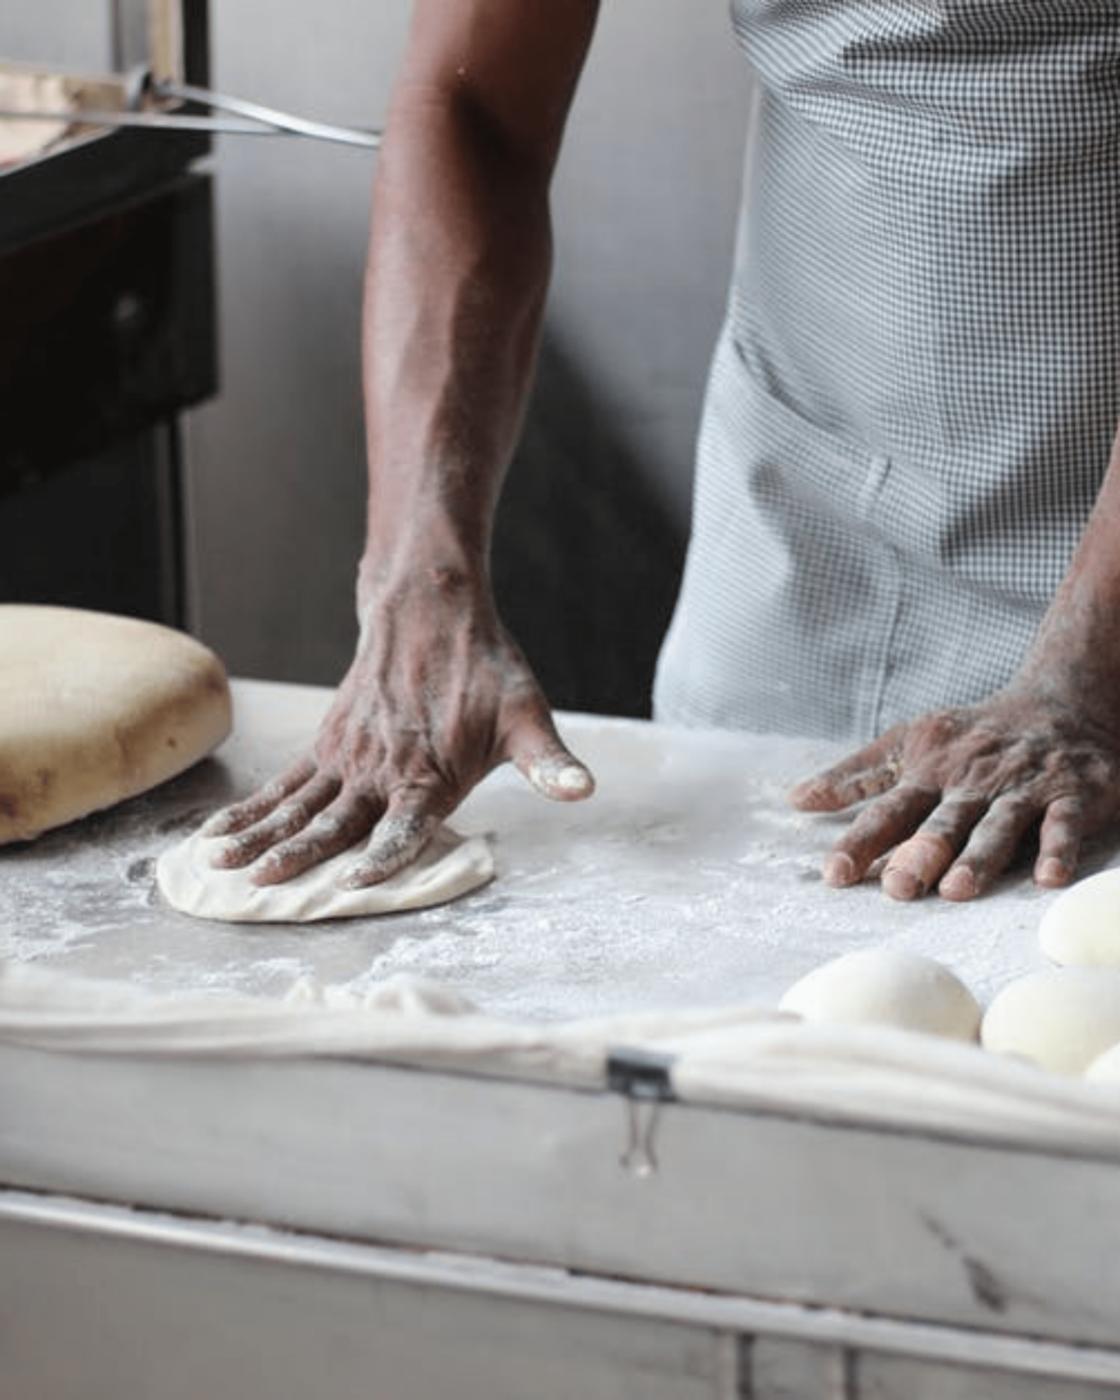 Panadero turno de noche - $12.00 a $18.00 por hora más excelente beneficios